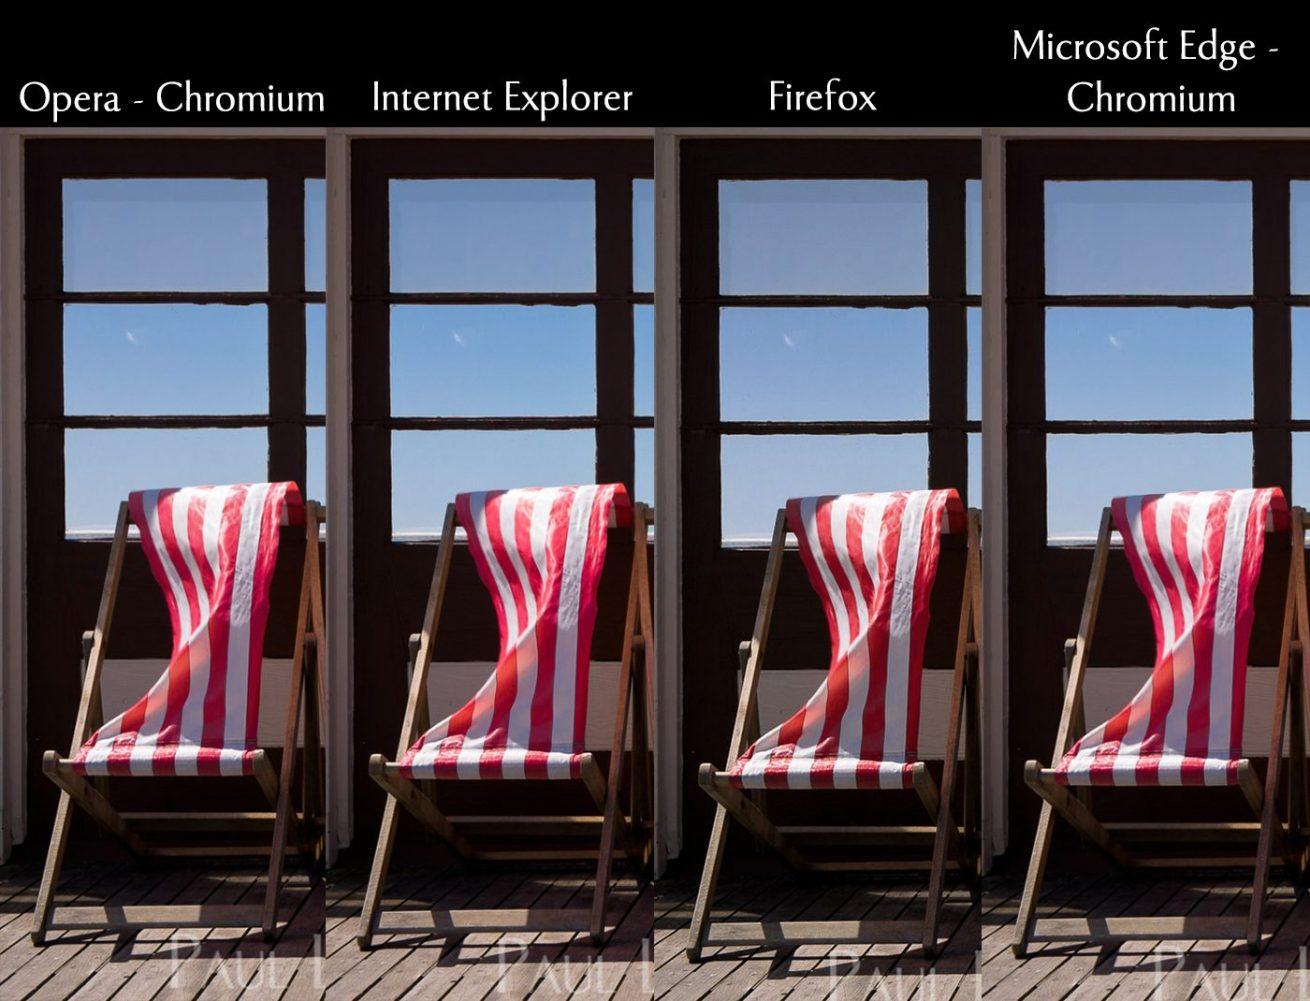 web browser colour comparison 2020